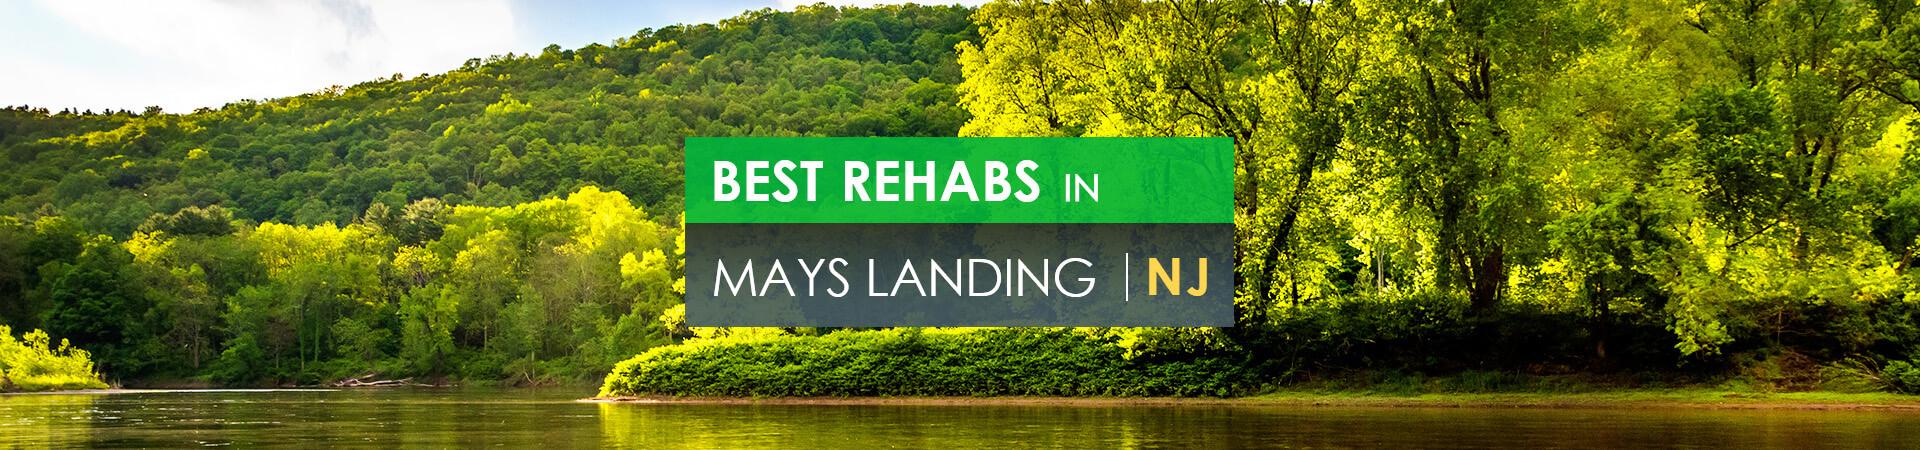 Best rehabs in Mays Landing, NJ